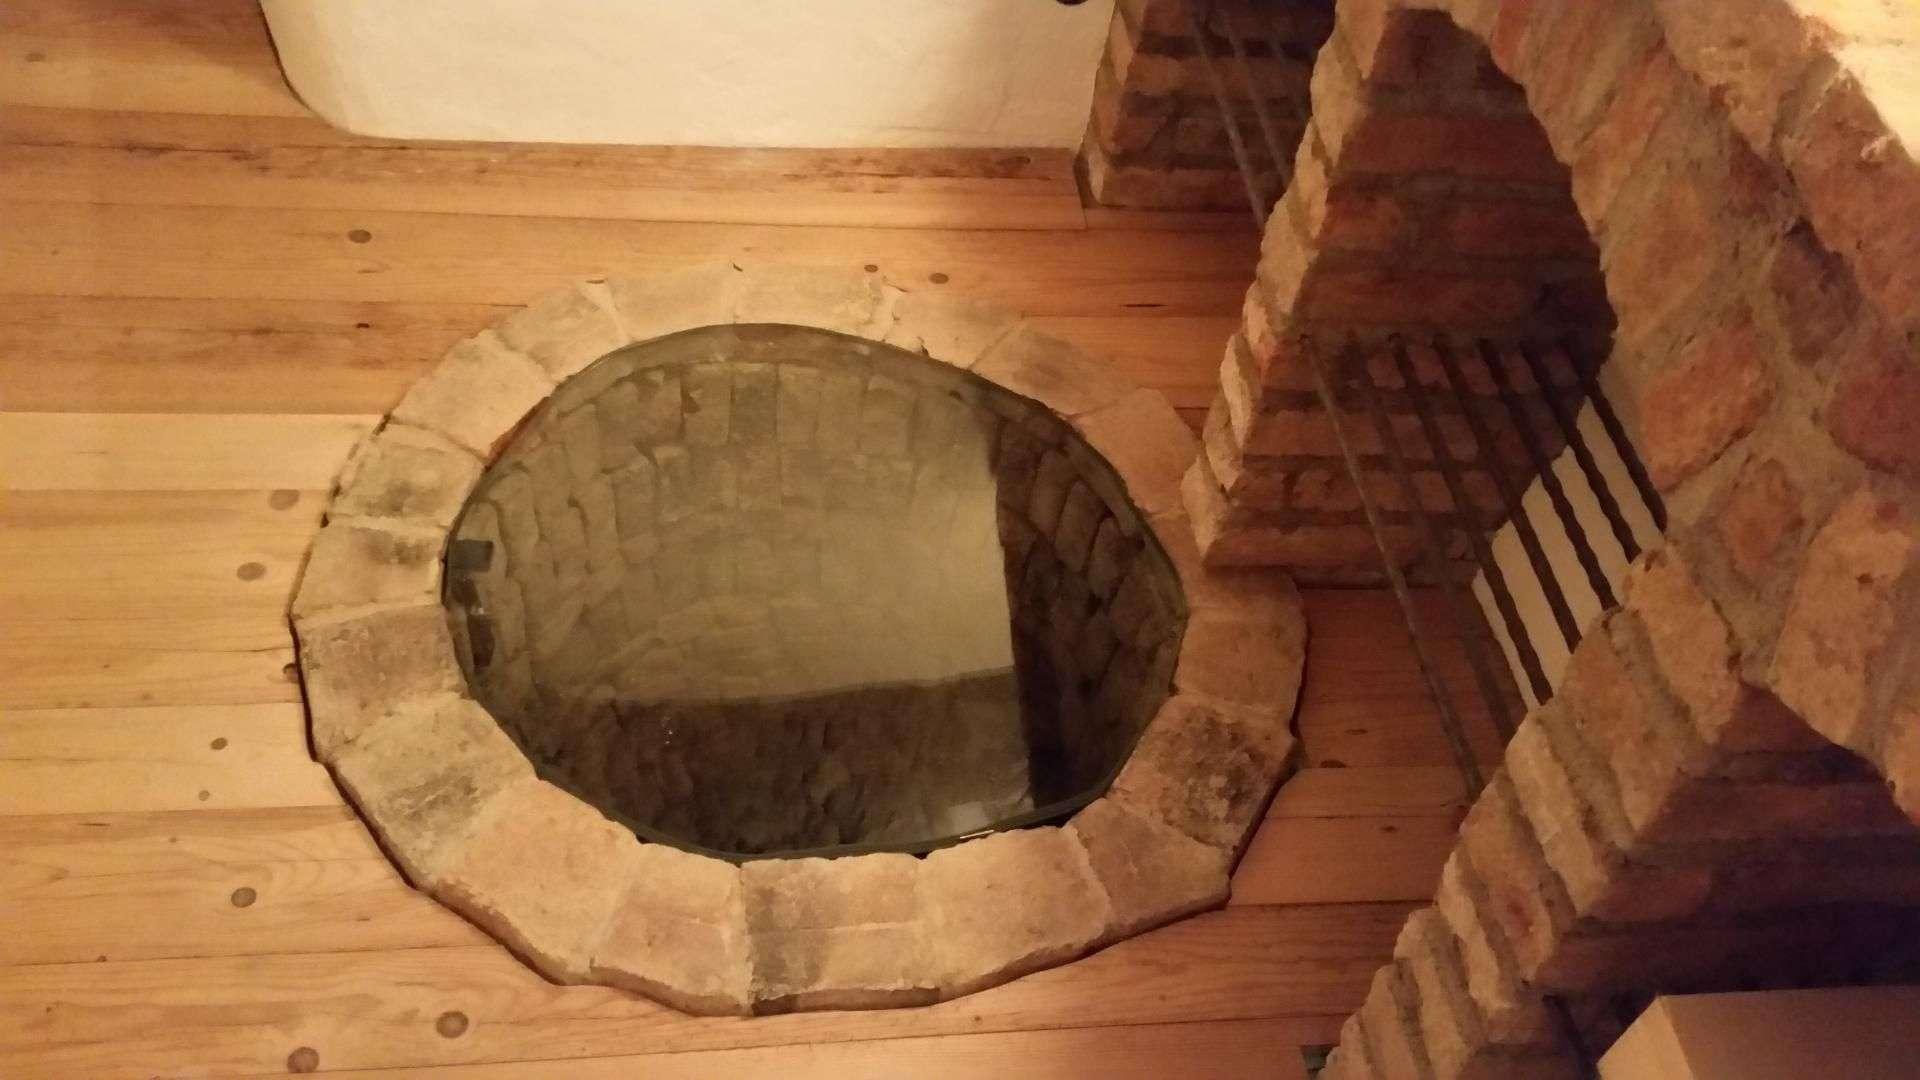 Brunnen im Keller, der mit einer Glasscheibe verdeckt ist